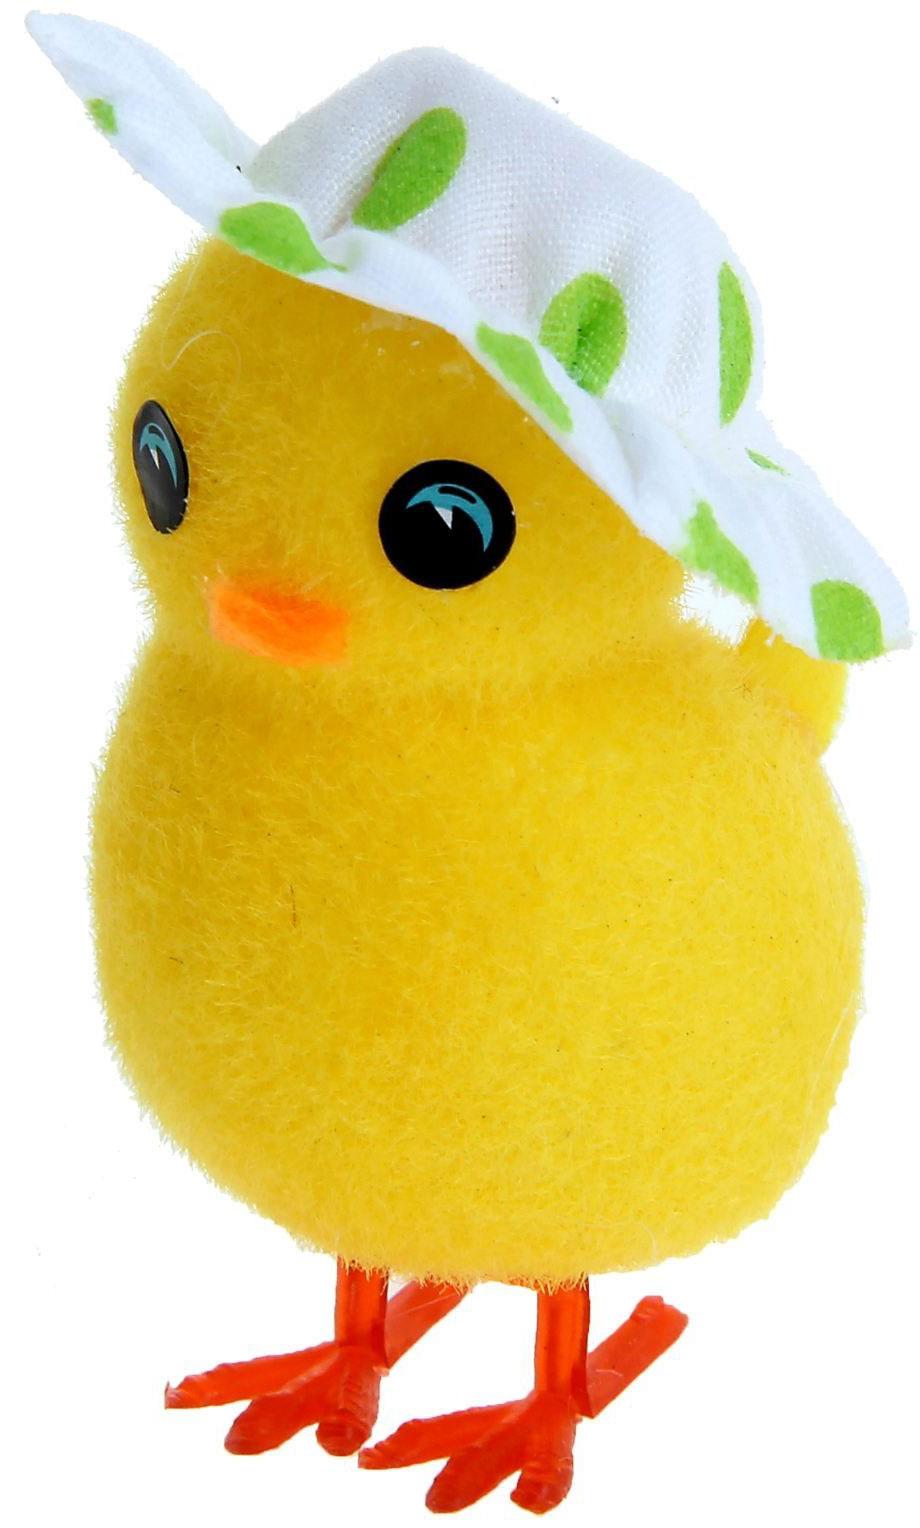 Сувенир пасхальный Sima-land Цыпа в шляпке, 4,3 х 2,8 х 6,8 см918703Дарить подарки на Пасху – это такая же традиция, как красить яйца и выпекать куличи. Презенты вдвойне приятнее, если они несут в себе сакральный смысл и имеют какое-то значение. Сувенир Цыплёнок в шляпке, цвета МИКС - это символ возрождения и непрерывности жизни. С его помощью вы сможете украсить жилище, преподнести его близкому человеку или использовать при сервировке стола всю пасхальную неделю. Кроме того, пасхальные цыплята нравятся маленьким деткам.